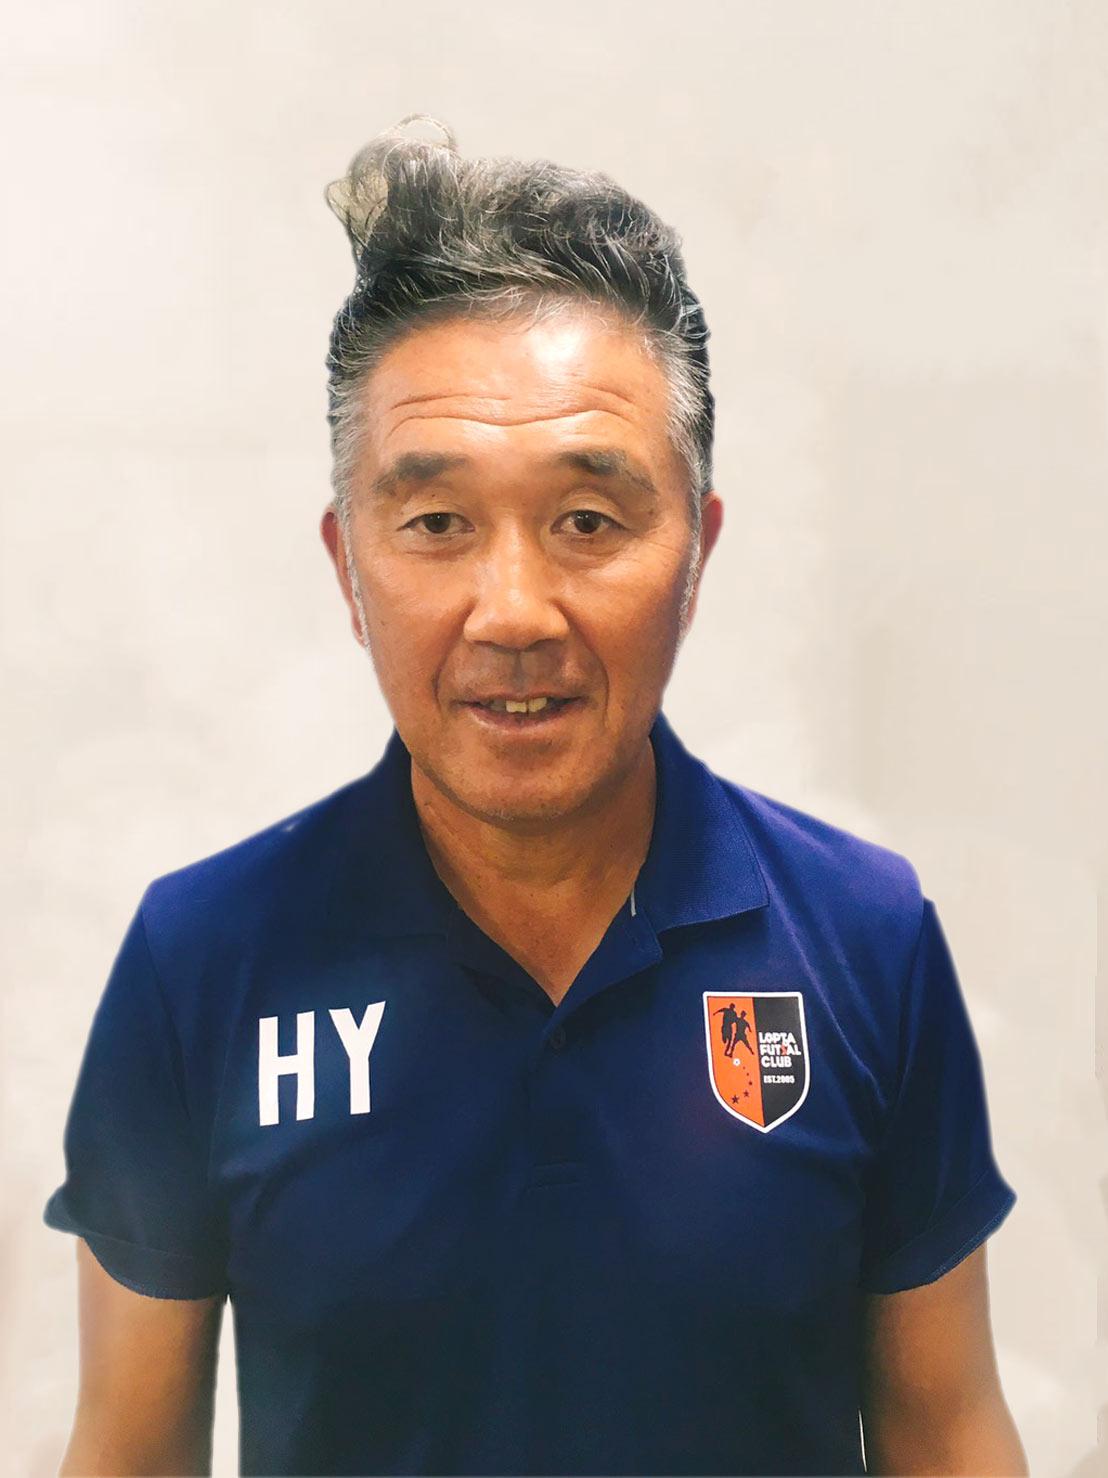 yamashita2019.jpg